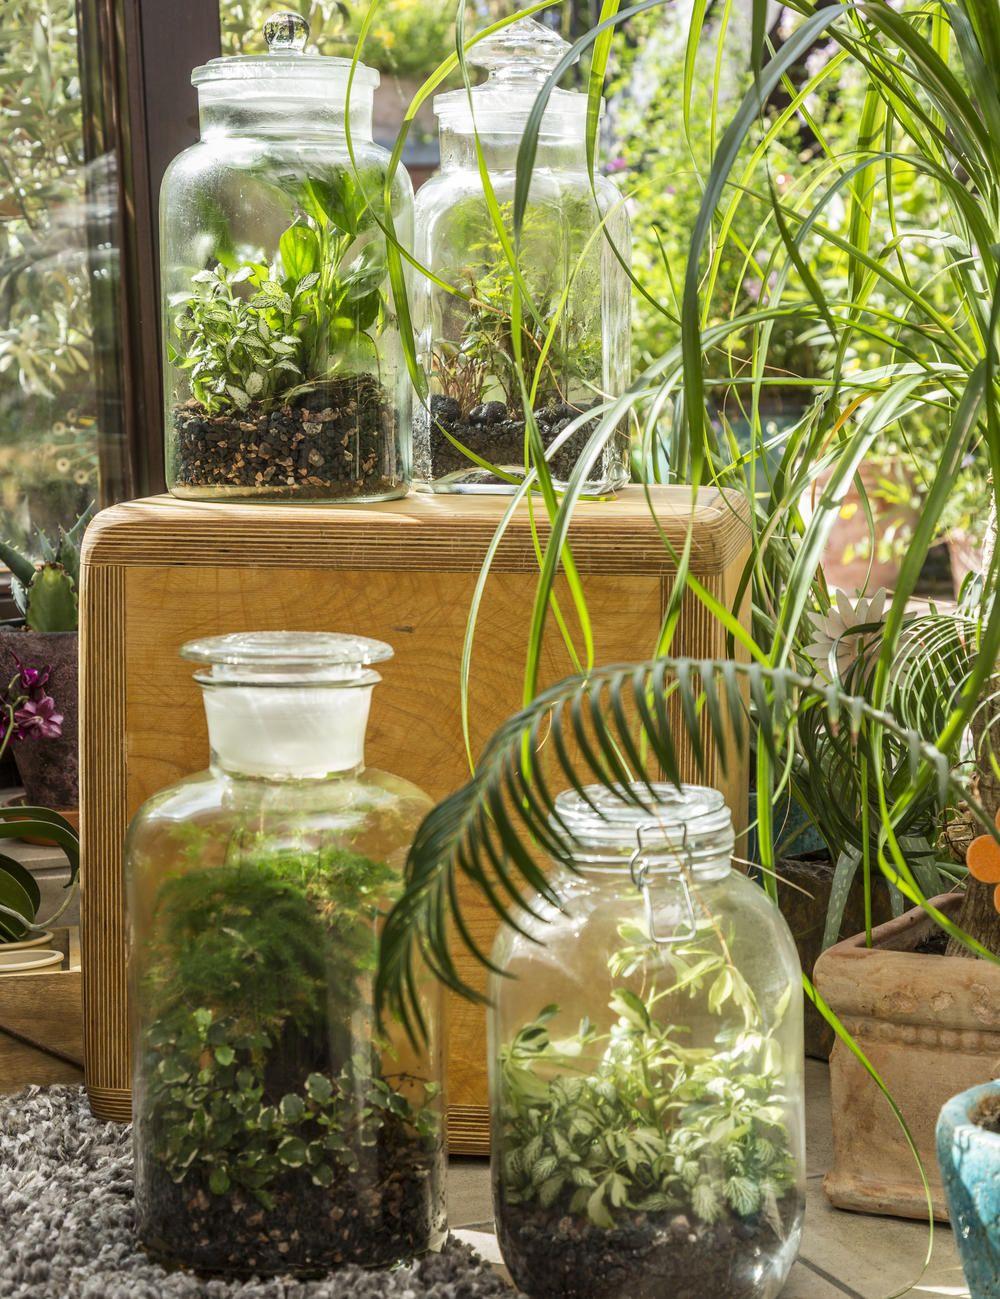 Flaschengarten Kleines Okosystem Im Glas Flaschengarten Pflanzen Dekor Pflanzenlampe